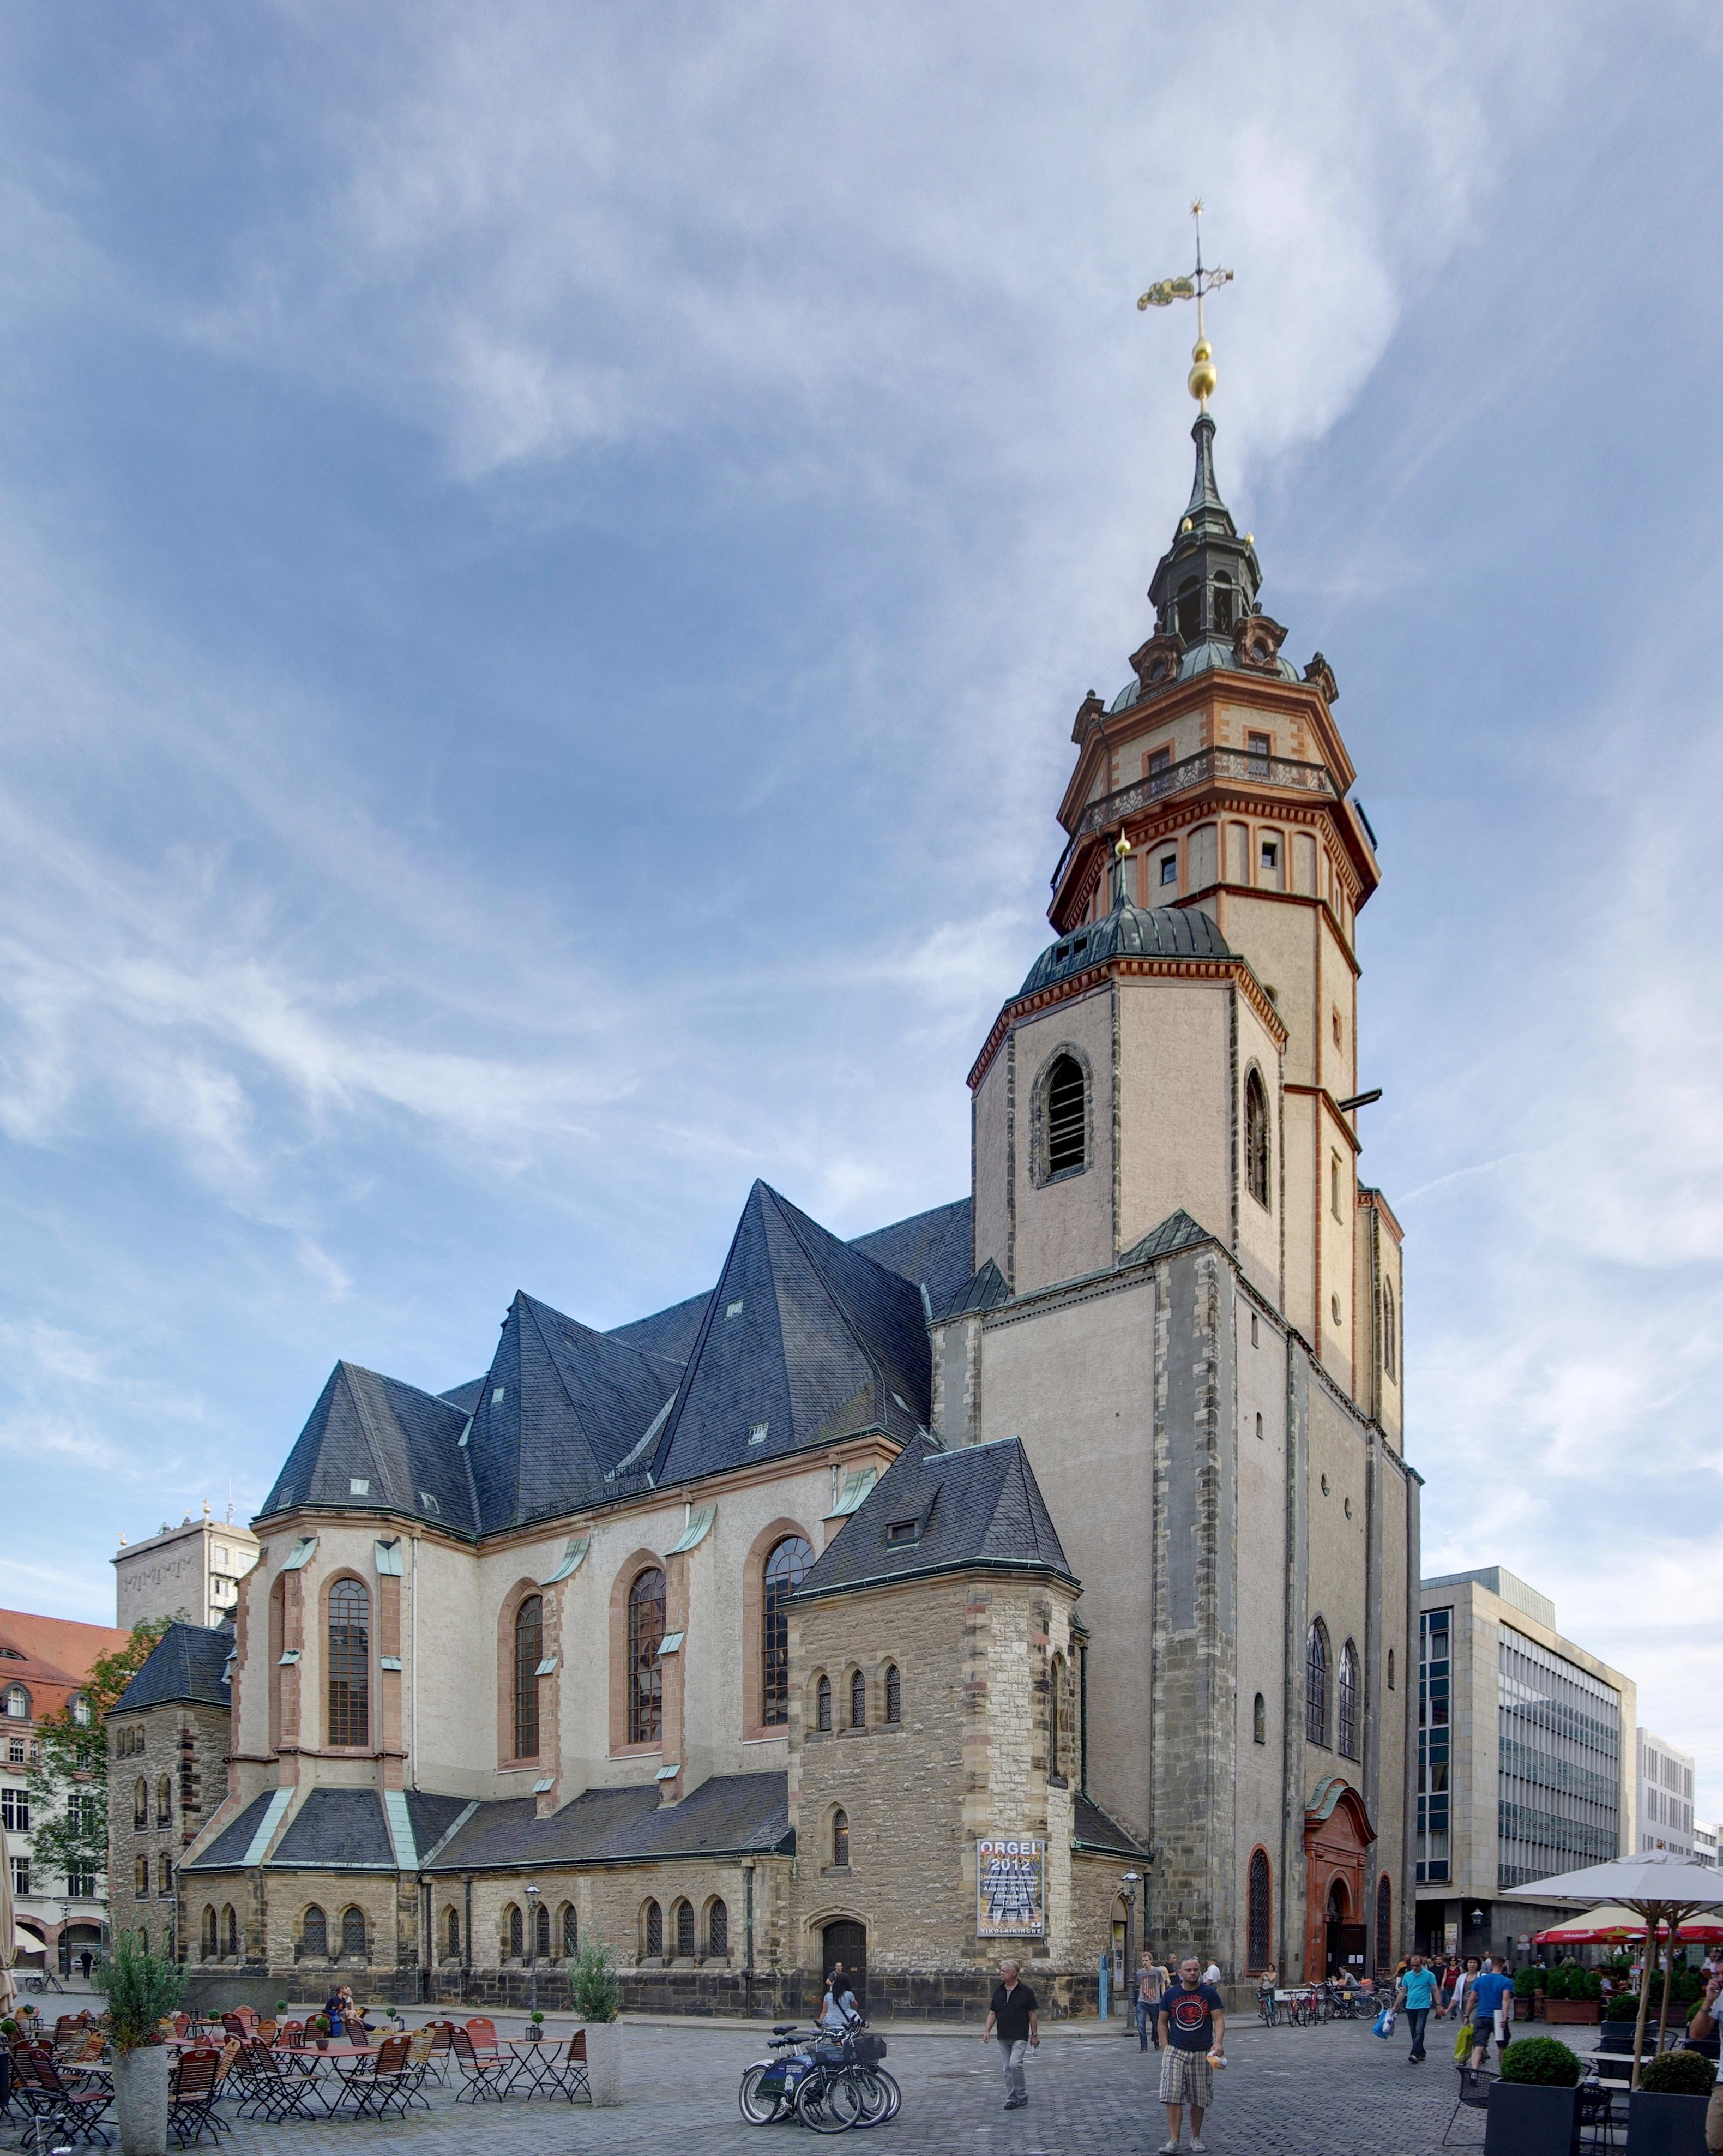 Nicholaikirche